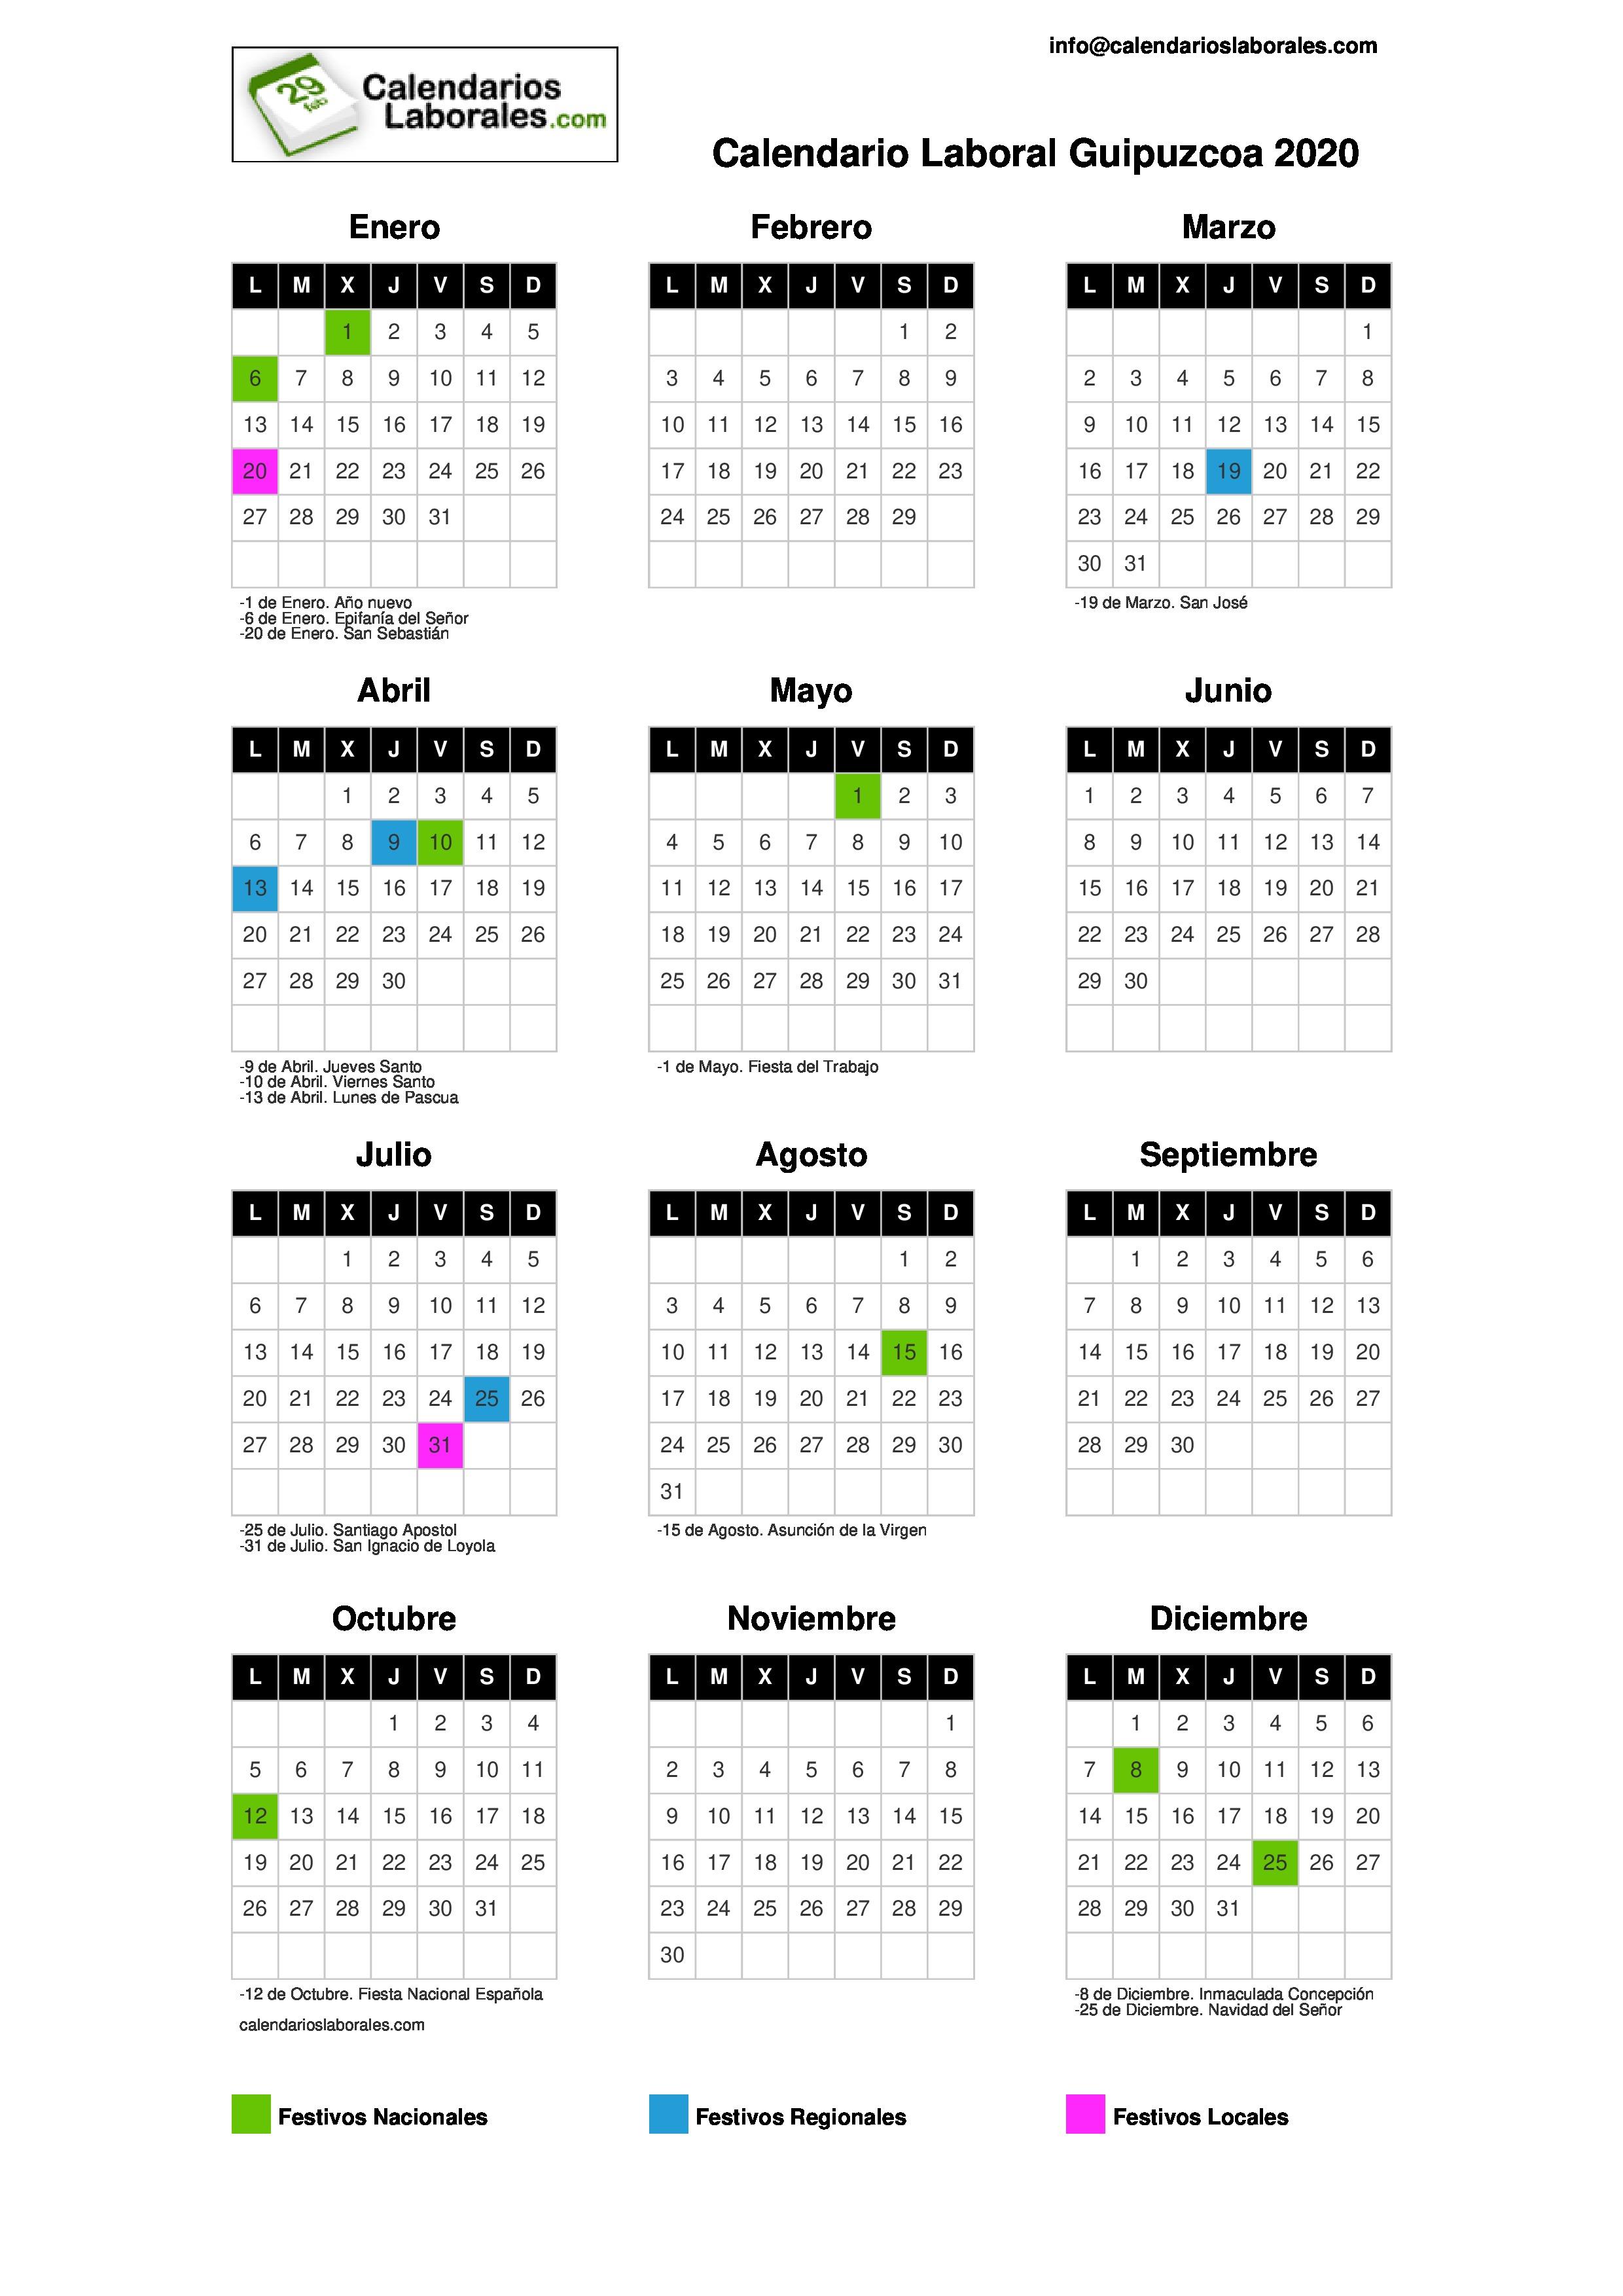 Calendario 2020 Pais Vasco.Calendario Laboral Guipuzcoa 2020